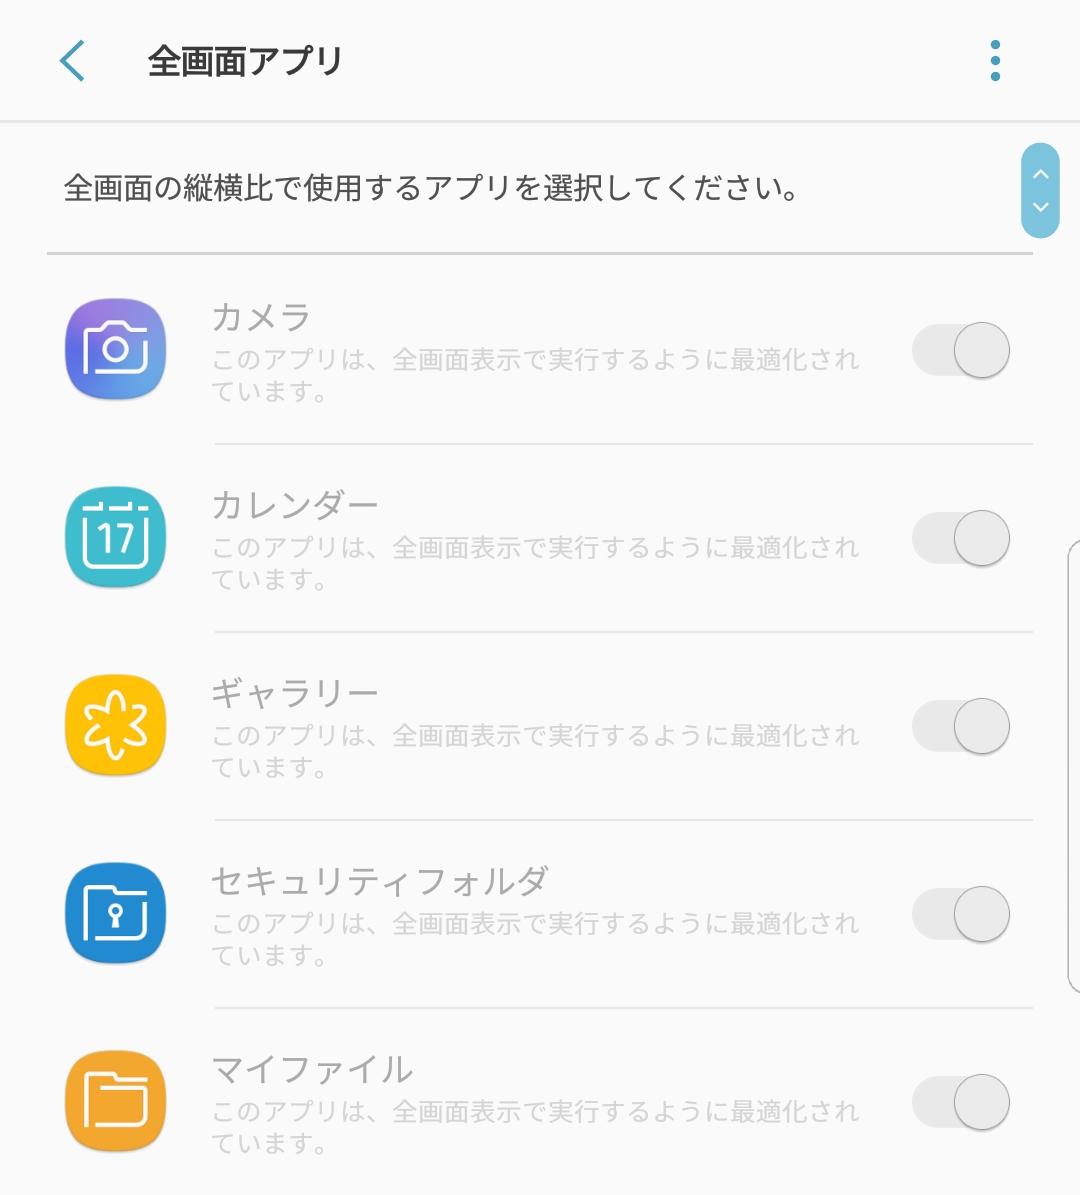 アプリの全画面表示をアプリ毎に指定しよう